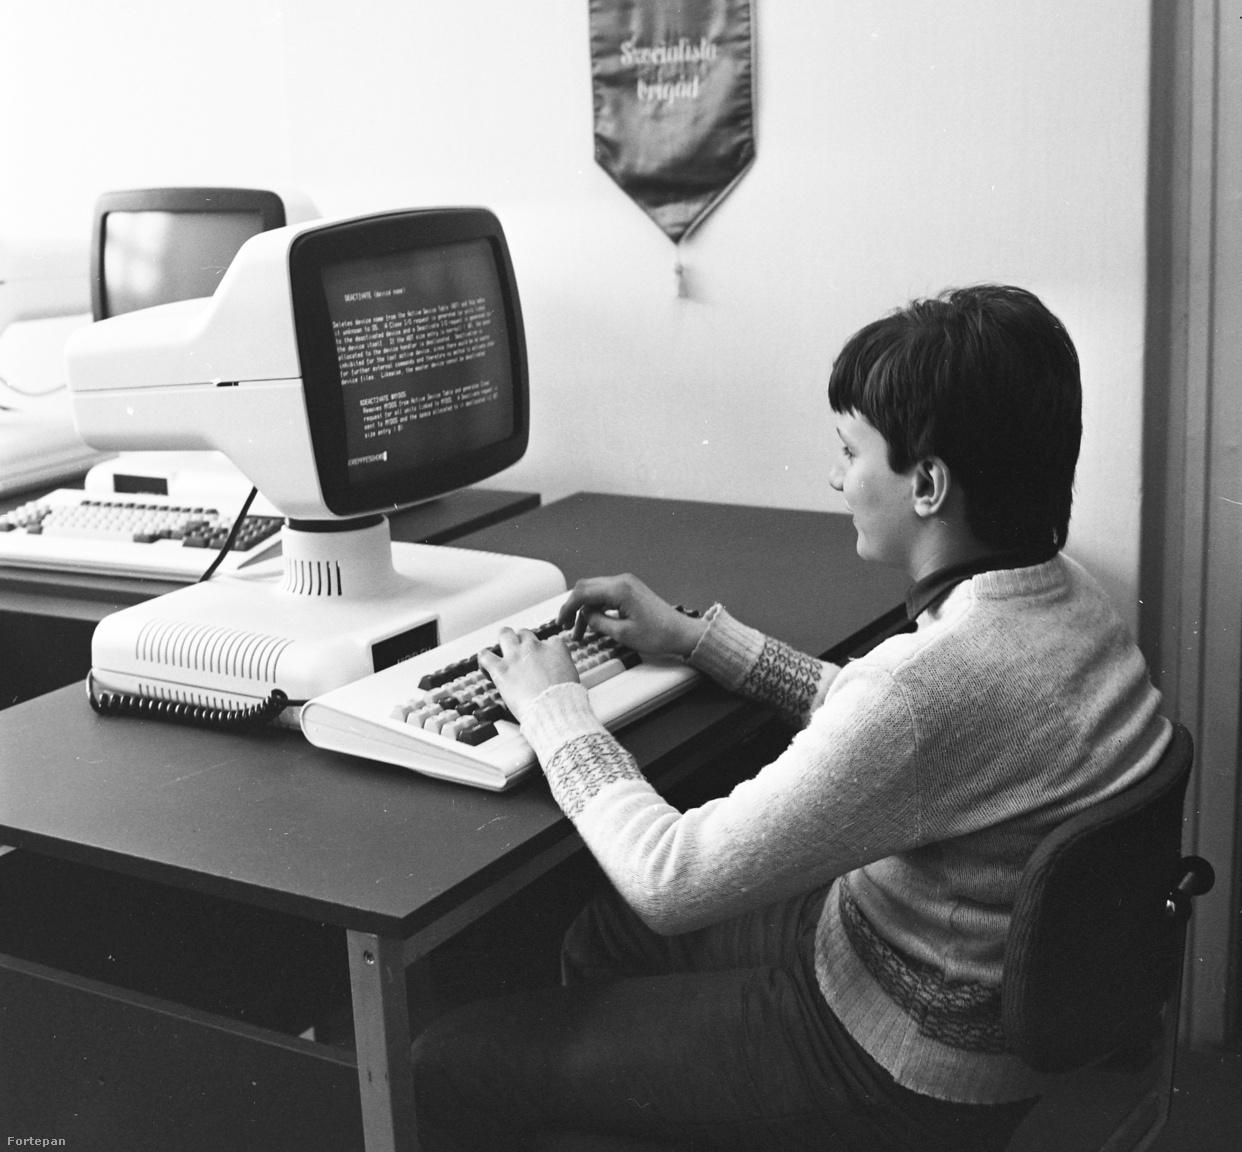 Utolsó képünk már előre vetíti a jövőt. A Videoton számítógépén a monitor billenthető és forgatható volt, a billentyűzet pedig lapos. A rendszerváltás felé haladva egyre több ZX 81, Spektrum, Commodore 64 került be az országba, és szegezte a fiatalokat órákra a Junoszty tévék, vagyis a monitorok elé. És innen már nem volt visszaút: jöttek a személy számítógépek, az internet, a wifi, a mobilnet és okostelefonok.